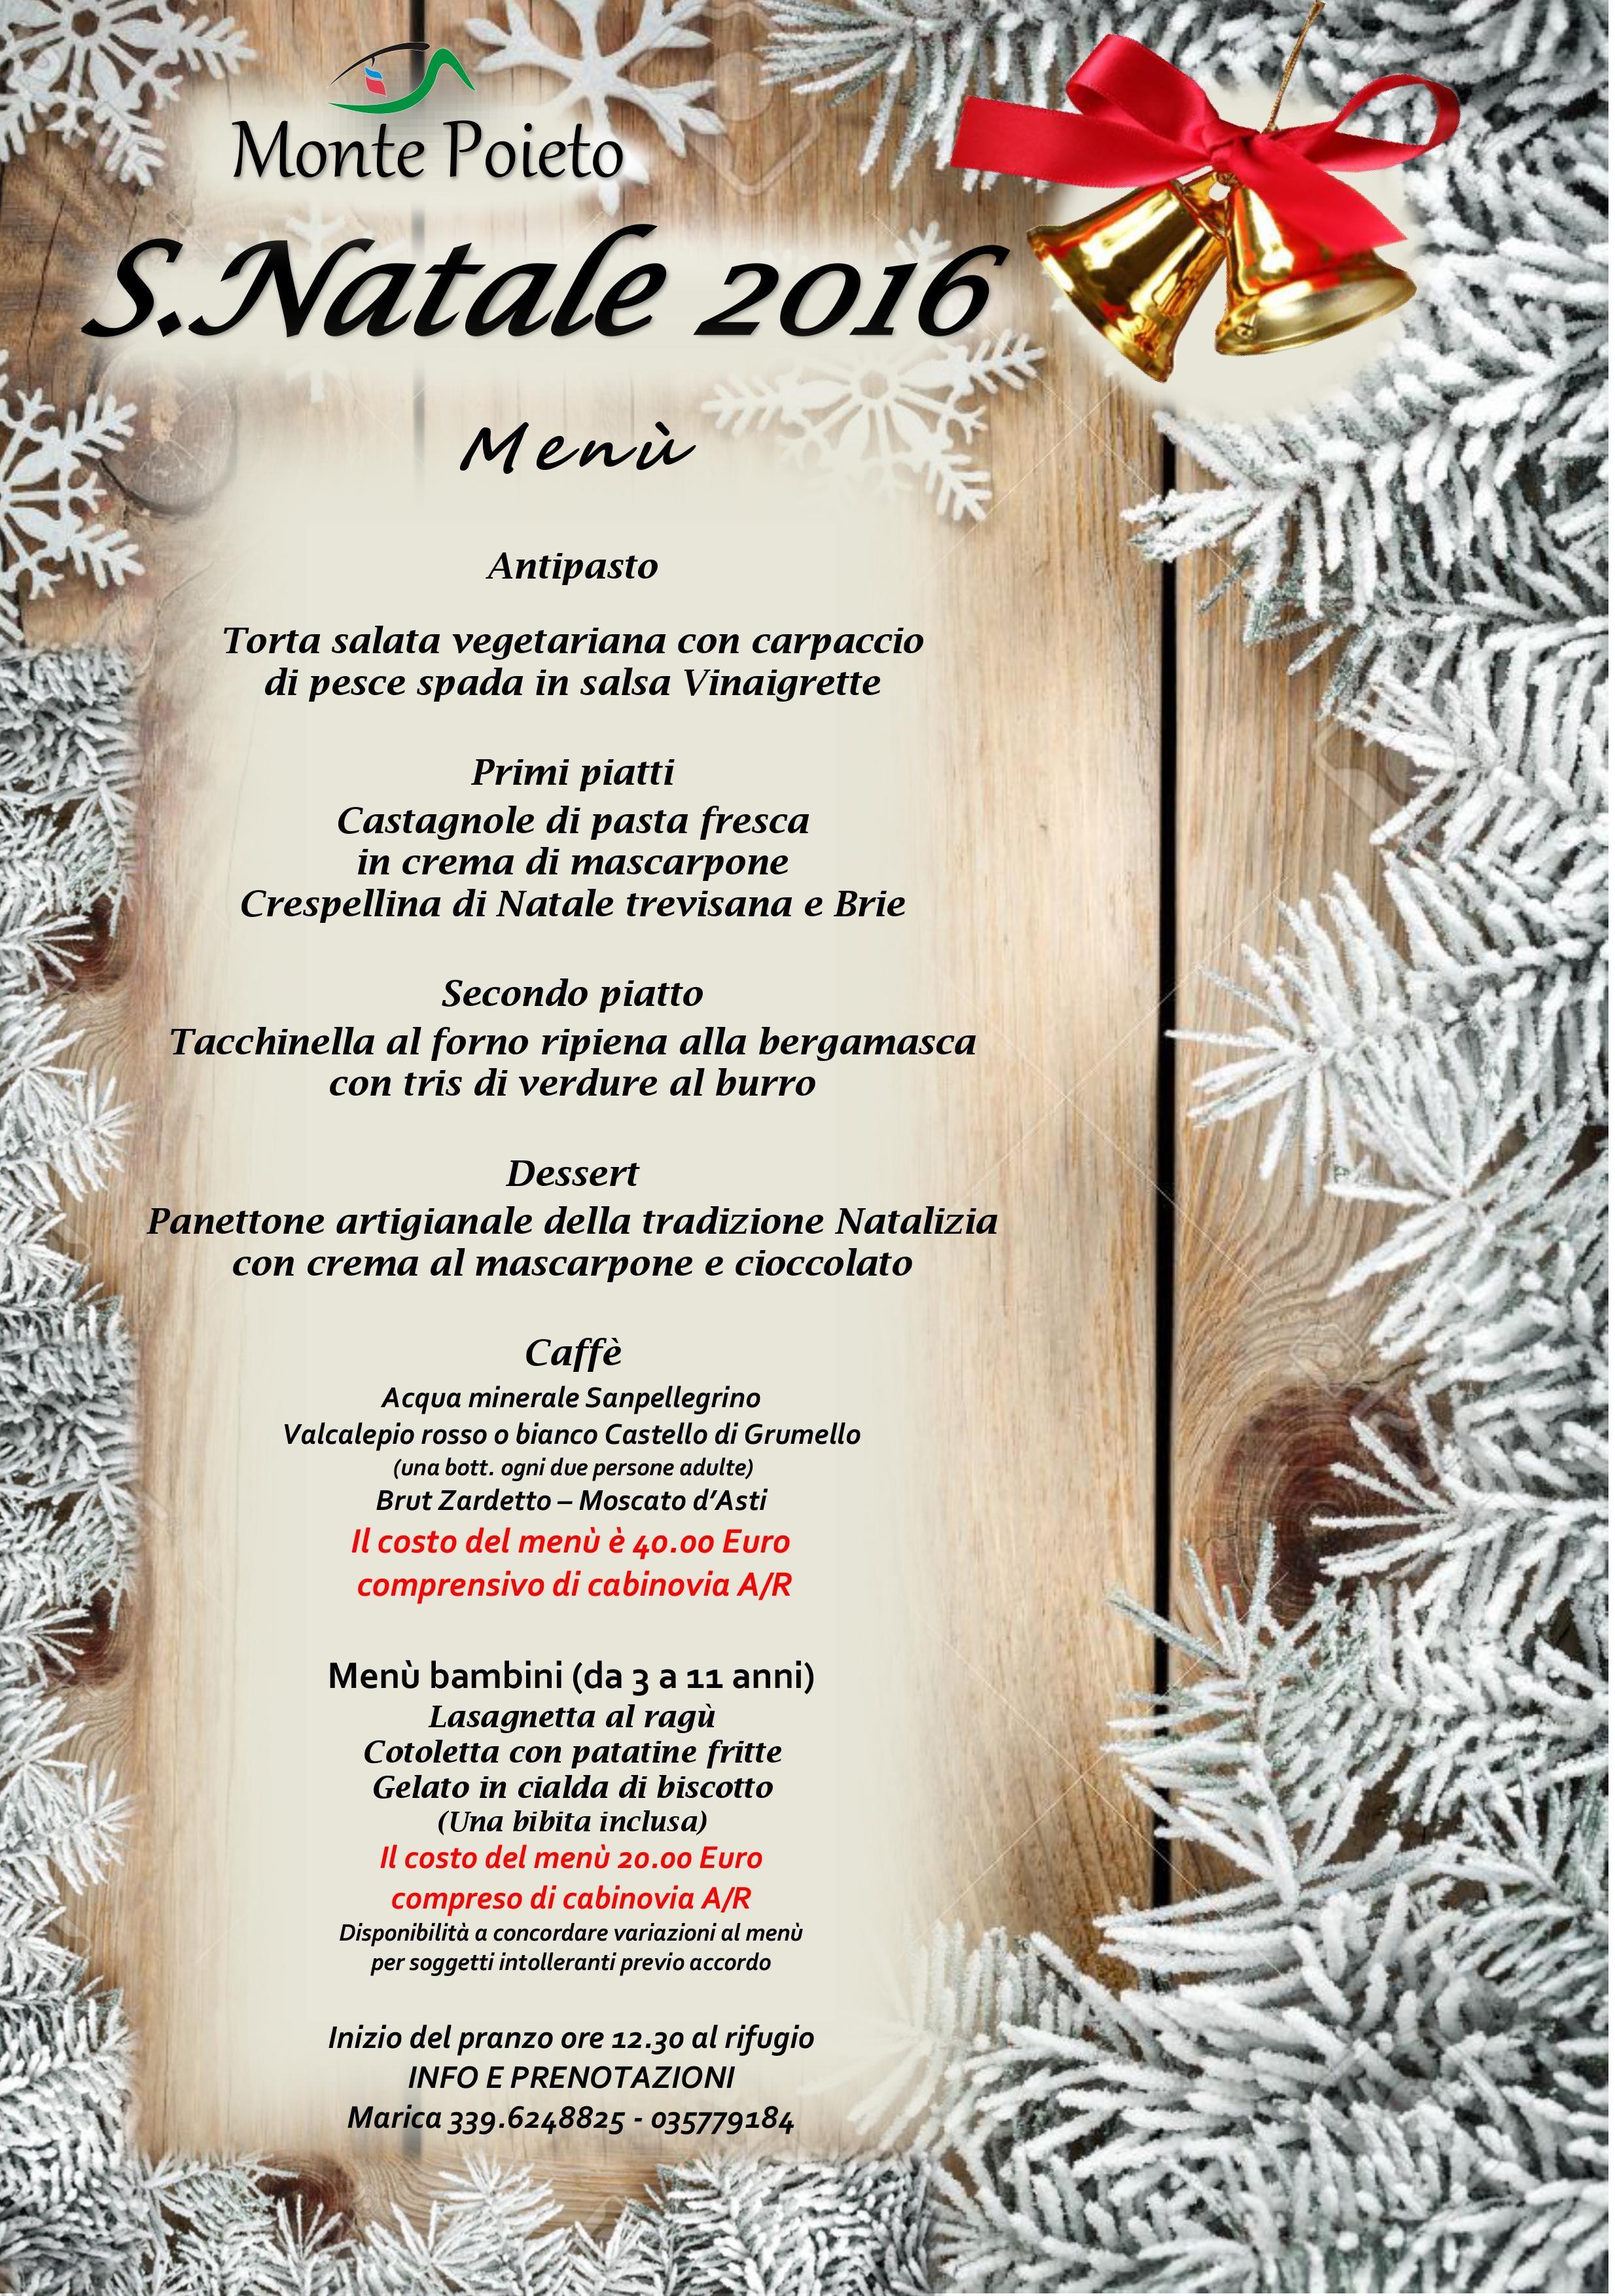 Menu Di Natale Per 30 Persone.Pranzo Di Natale Al Rifugio Monte Poieto Rifugi Di Lombardia